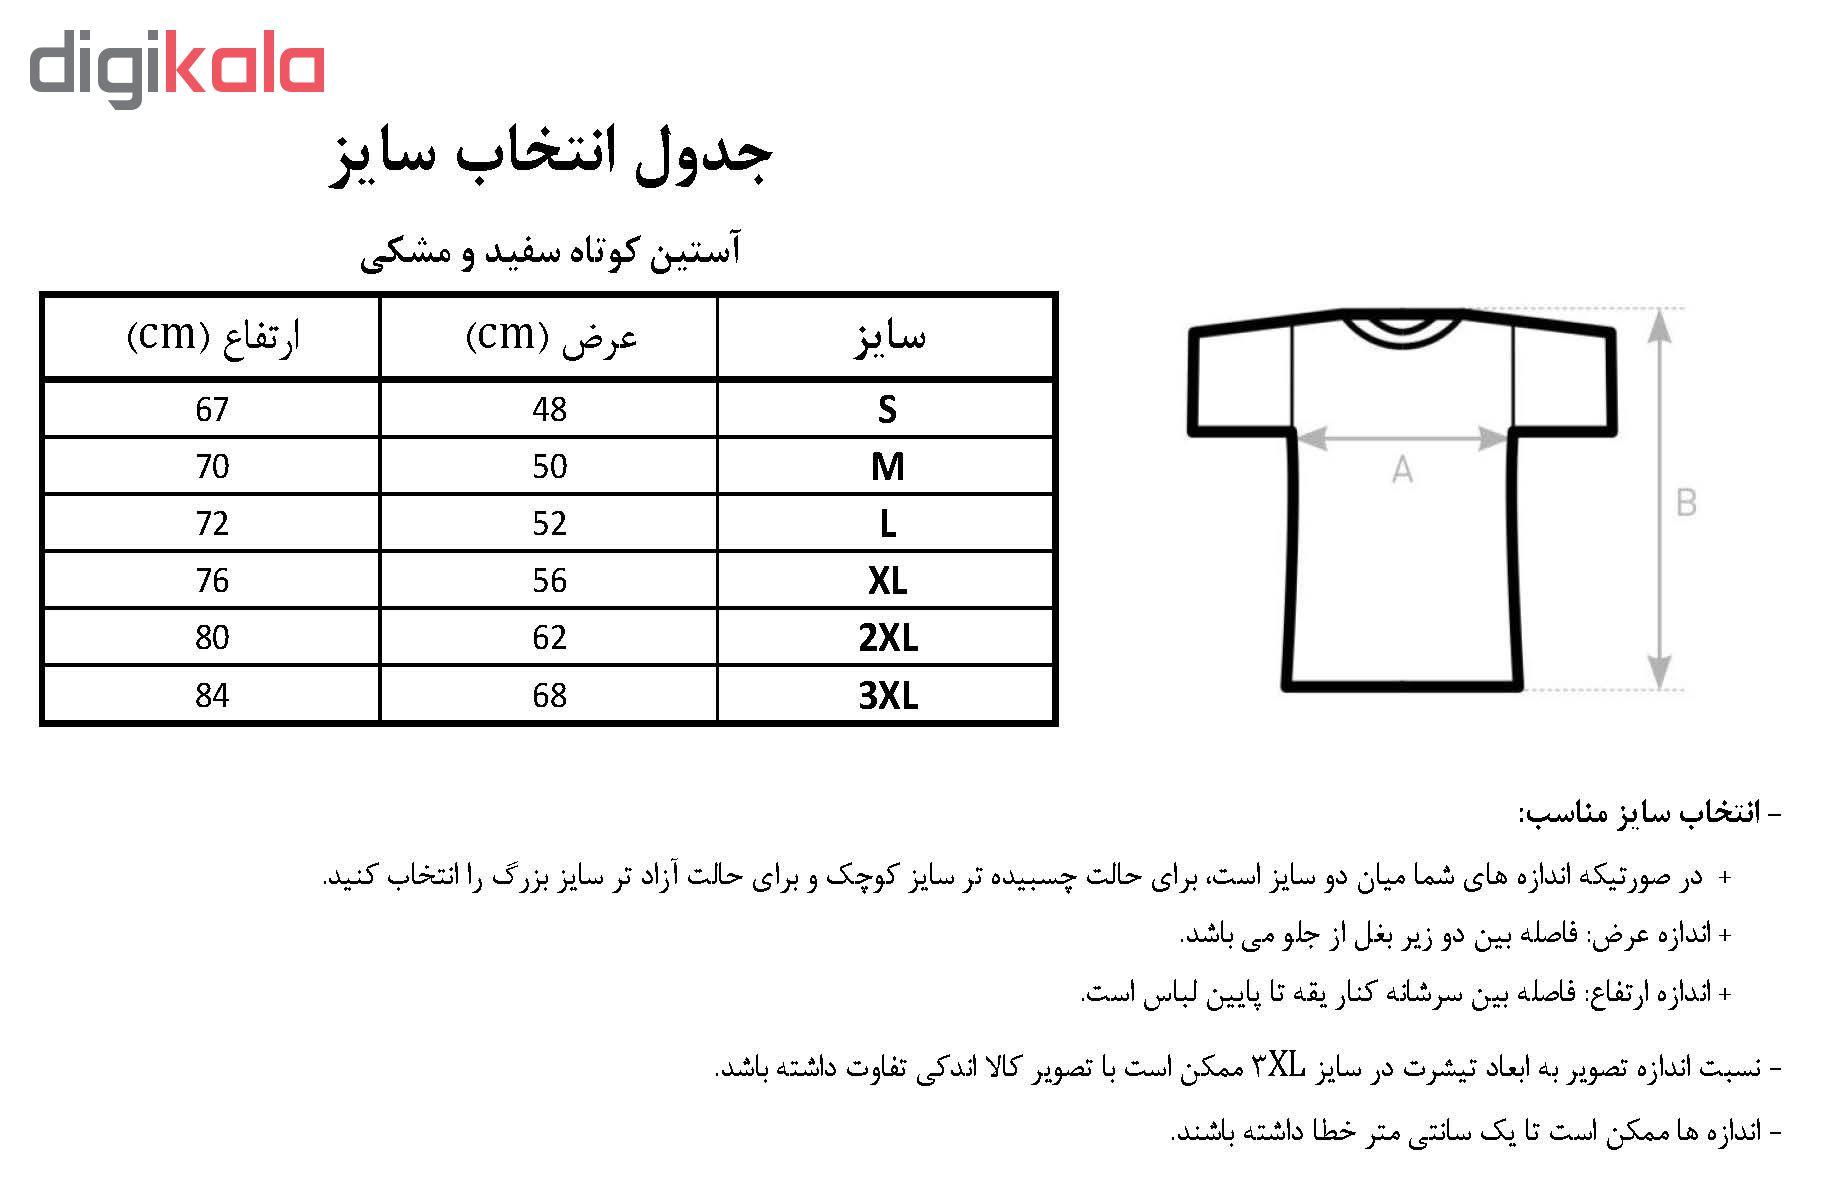 تیشرت مردانه فروشگاه دی سی کد DC-13202 طرح فیفا۱۹ - بازی فوتبال ۲۰۱۹ -  فیفا ۱۹